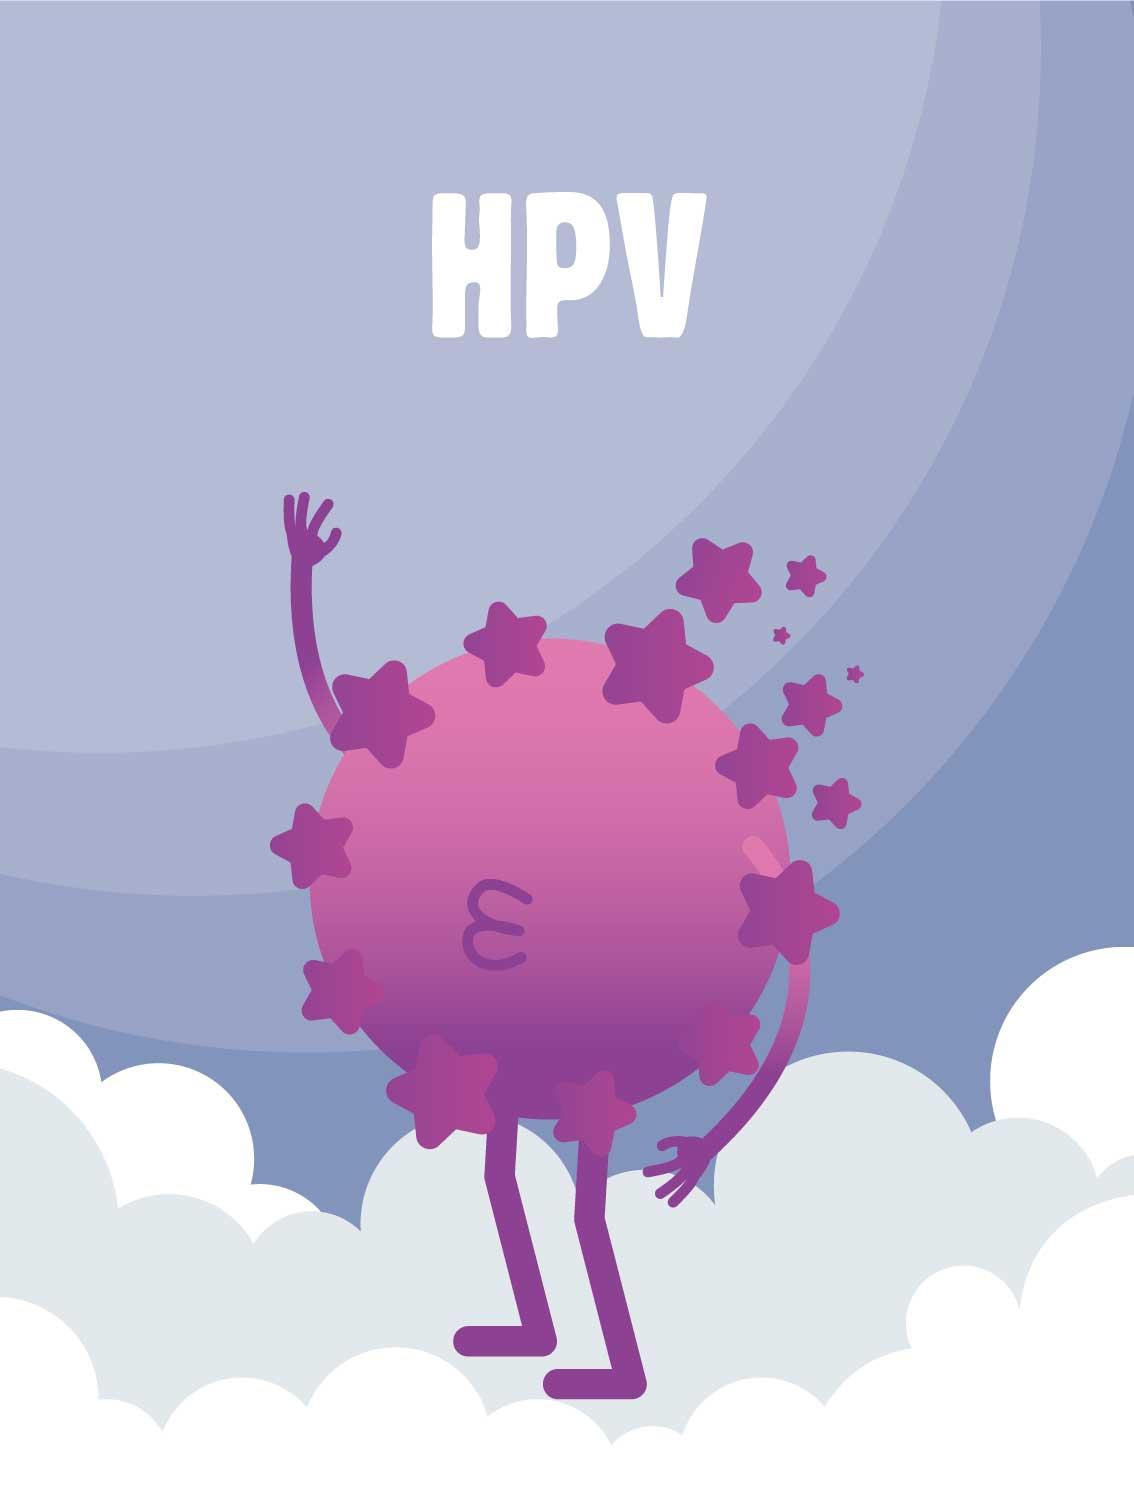 hpv positif symptomes